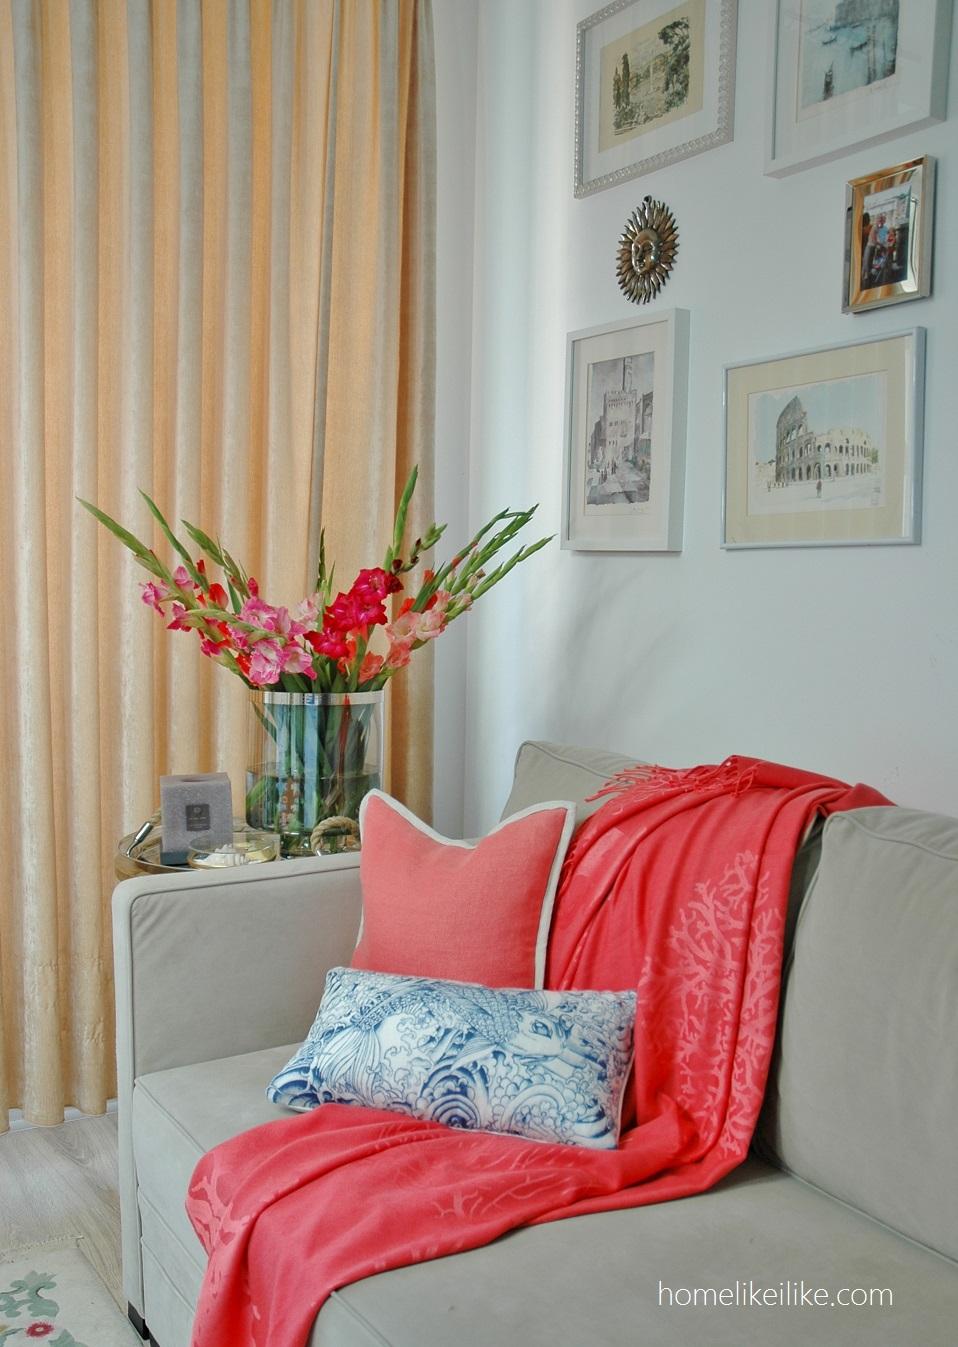 coral - living room - homelikeilike.com